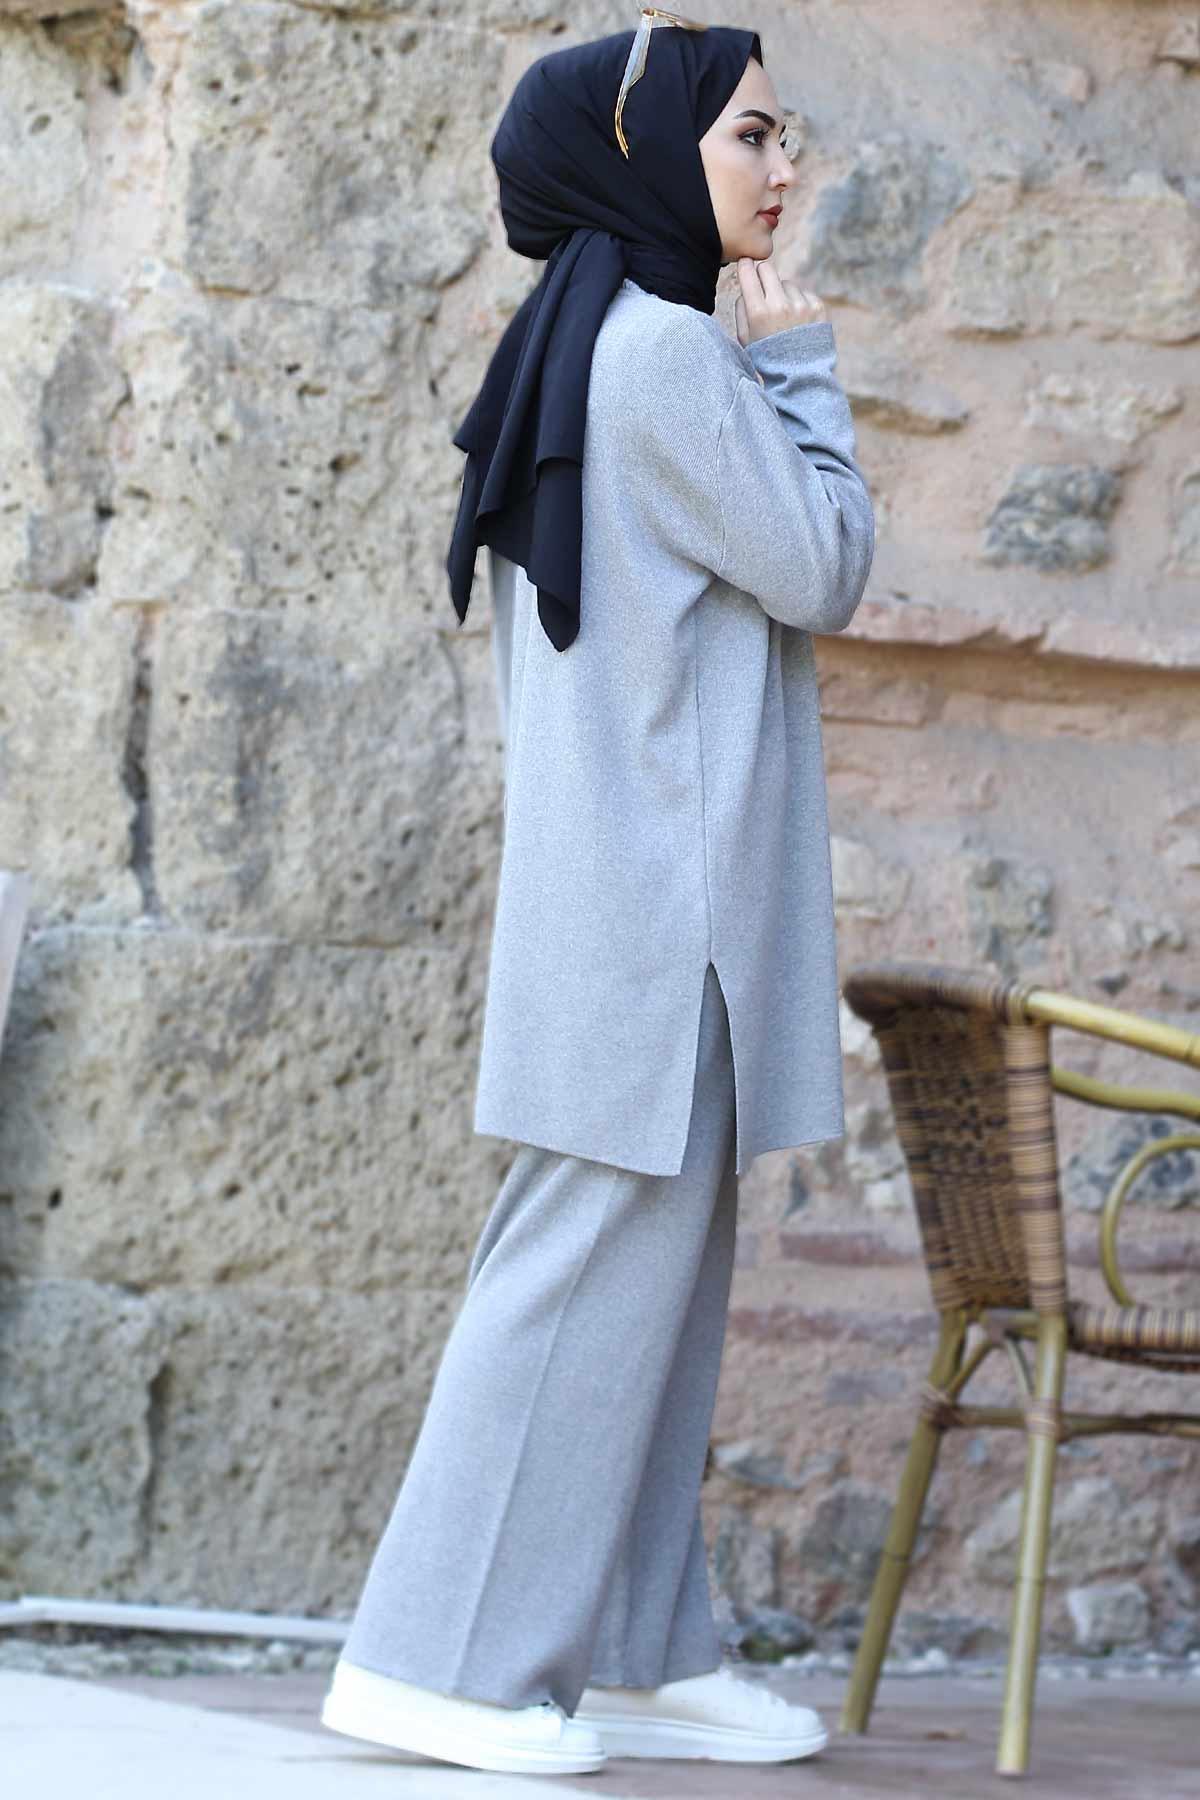 Double Knitwear Suit TSD1111 Gray